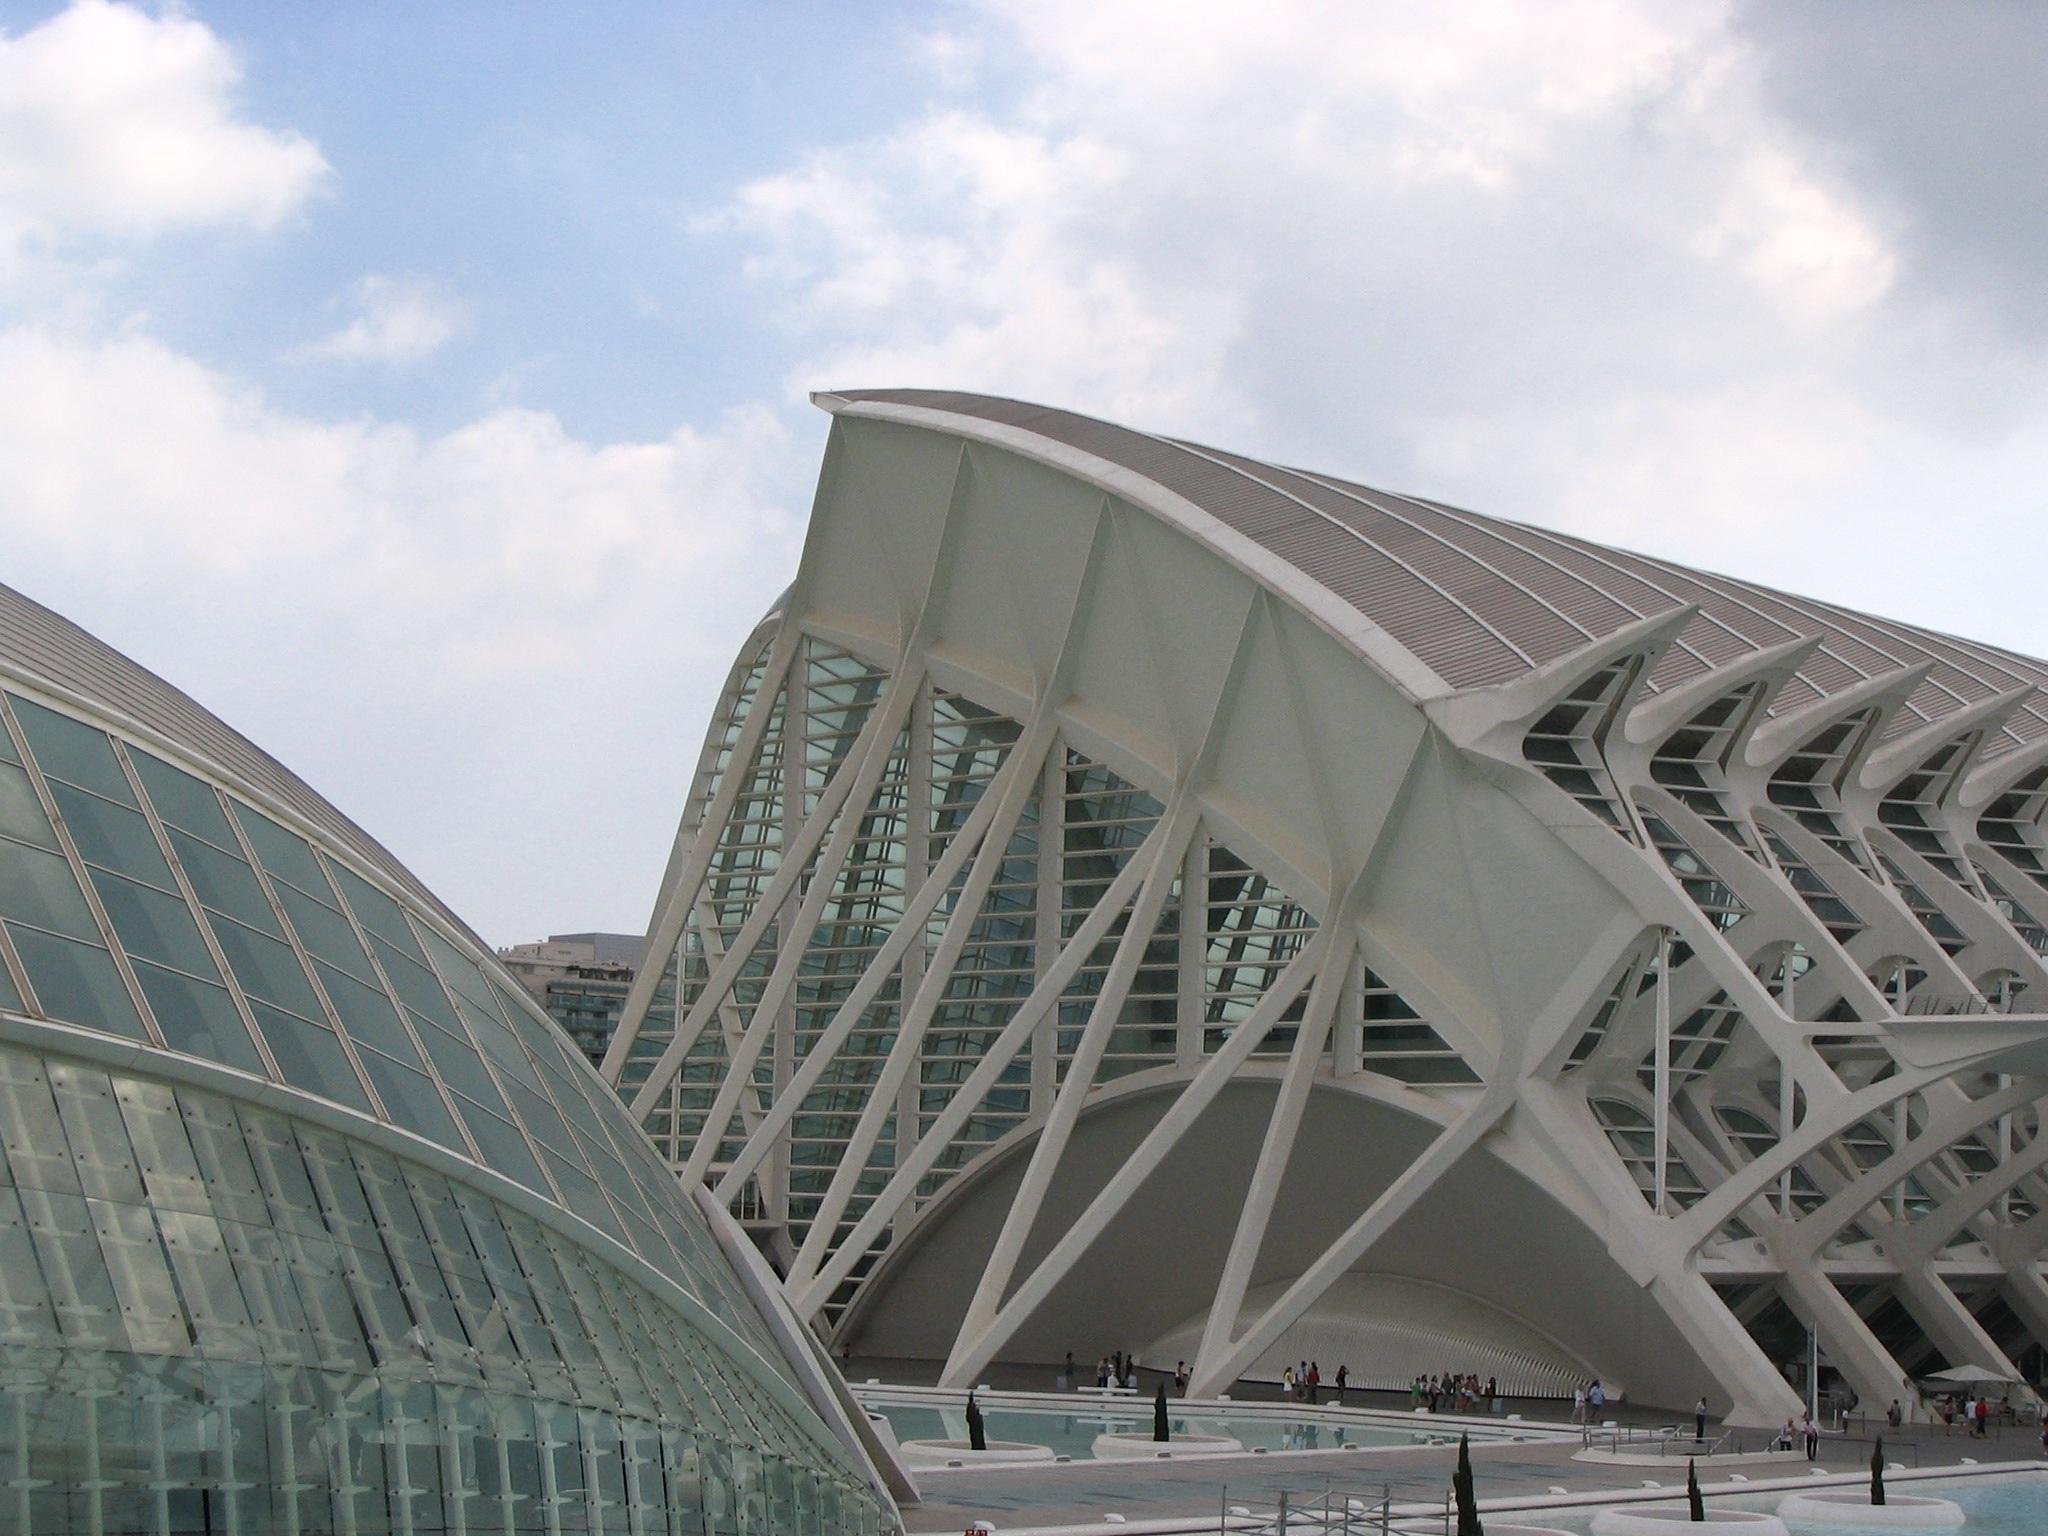 Kostenlose Foto : Natur, Die Architektur, Struktur, Dach, Wolkenkratzer,  Wahrzeichen, Fassade, Stadion, Moderne Architektur, Kunst, Wissenschaft,  Arena, ...